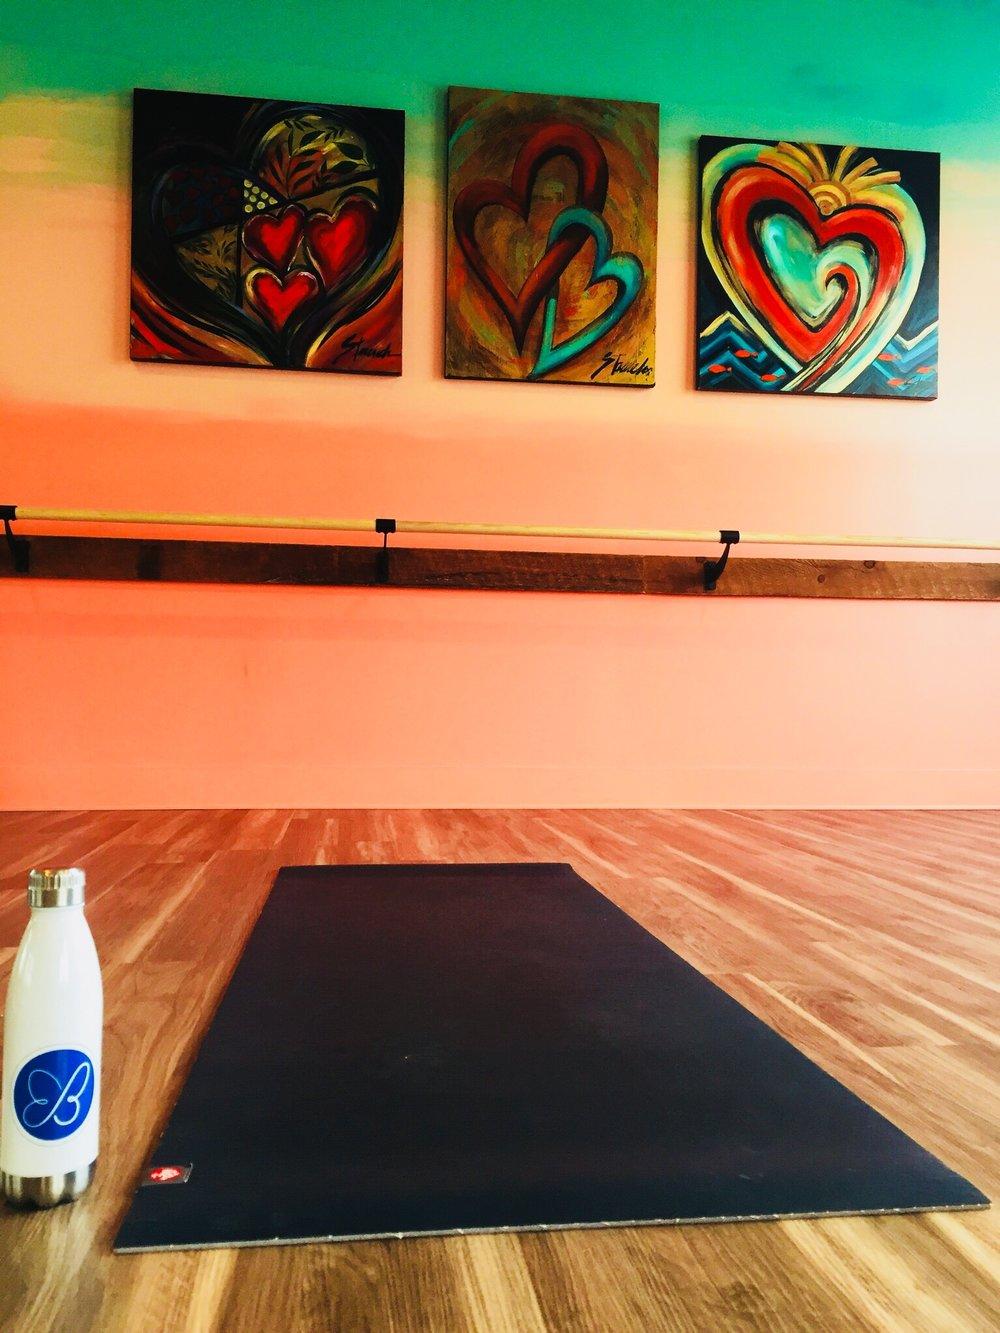 Weekend yoga. Ahh.